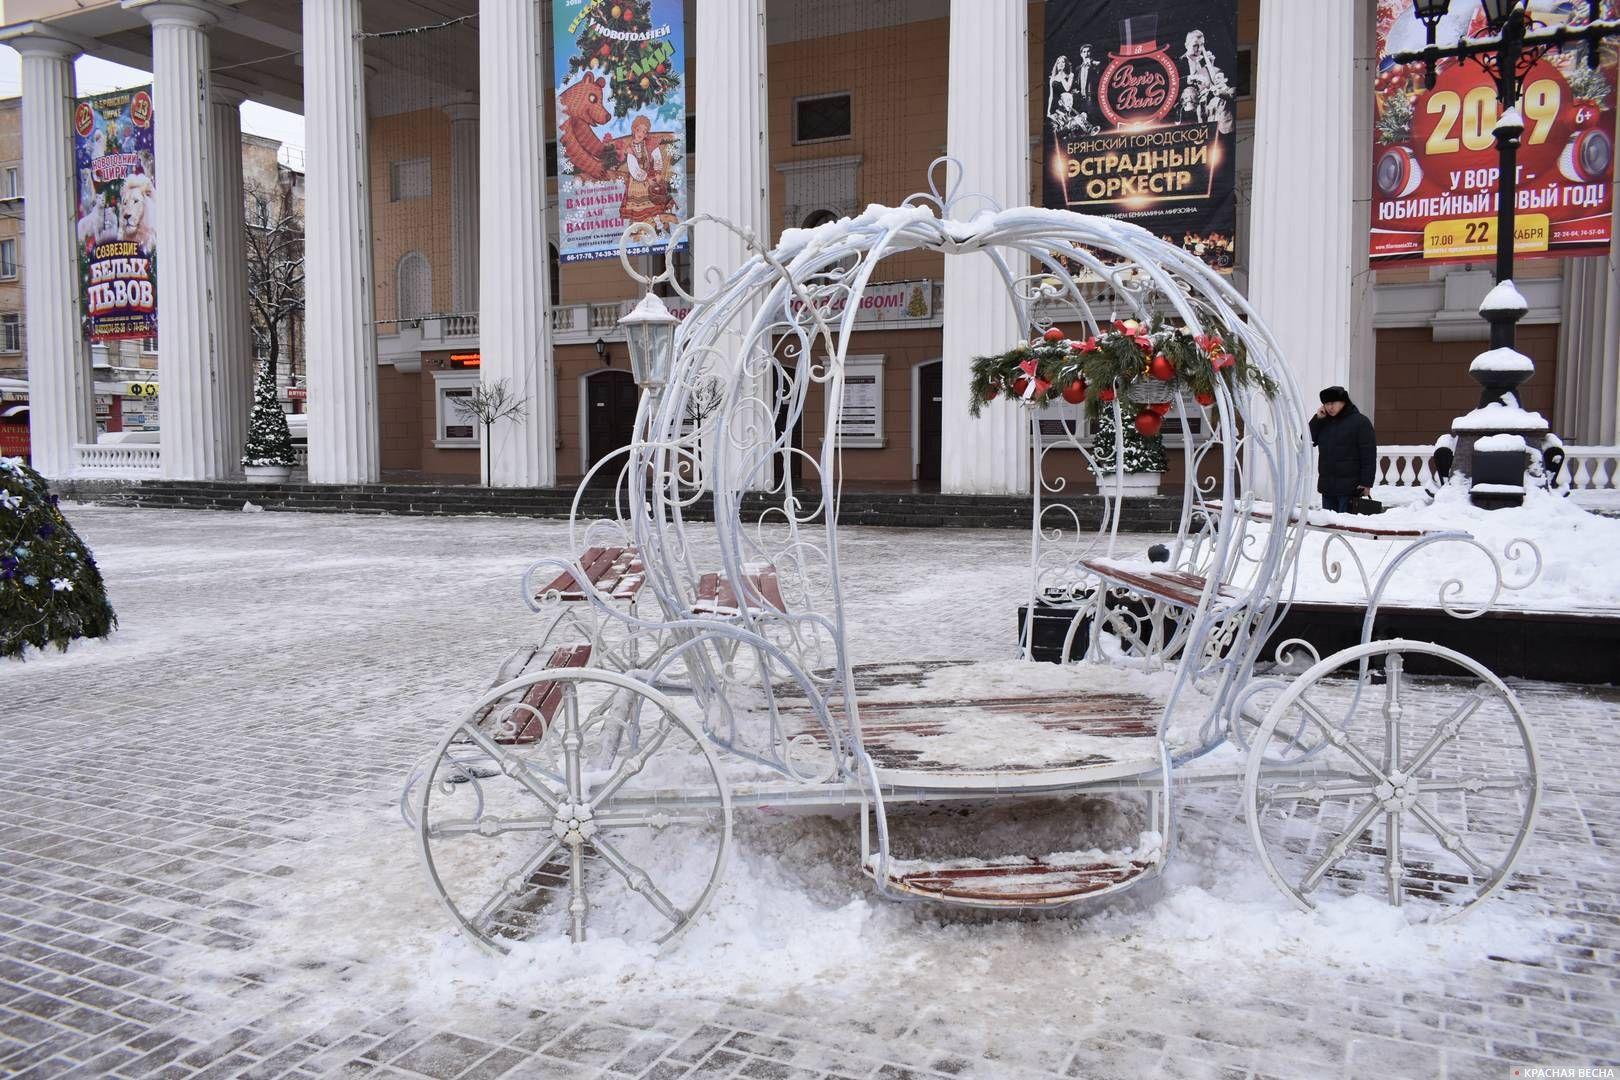 Сказочная карета на площади перед Брянским театром драмы им. А. К. Толстого в Брянске